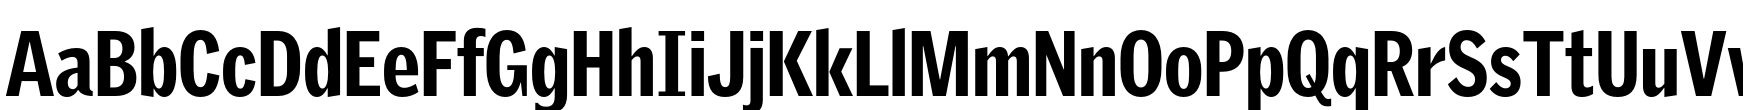 GriffithGothicCondGreek-Black.otf